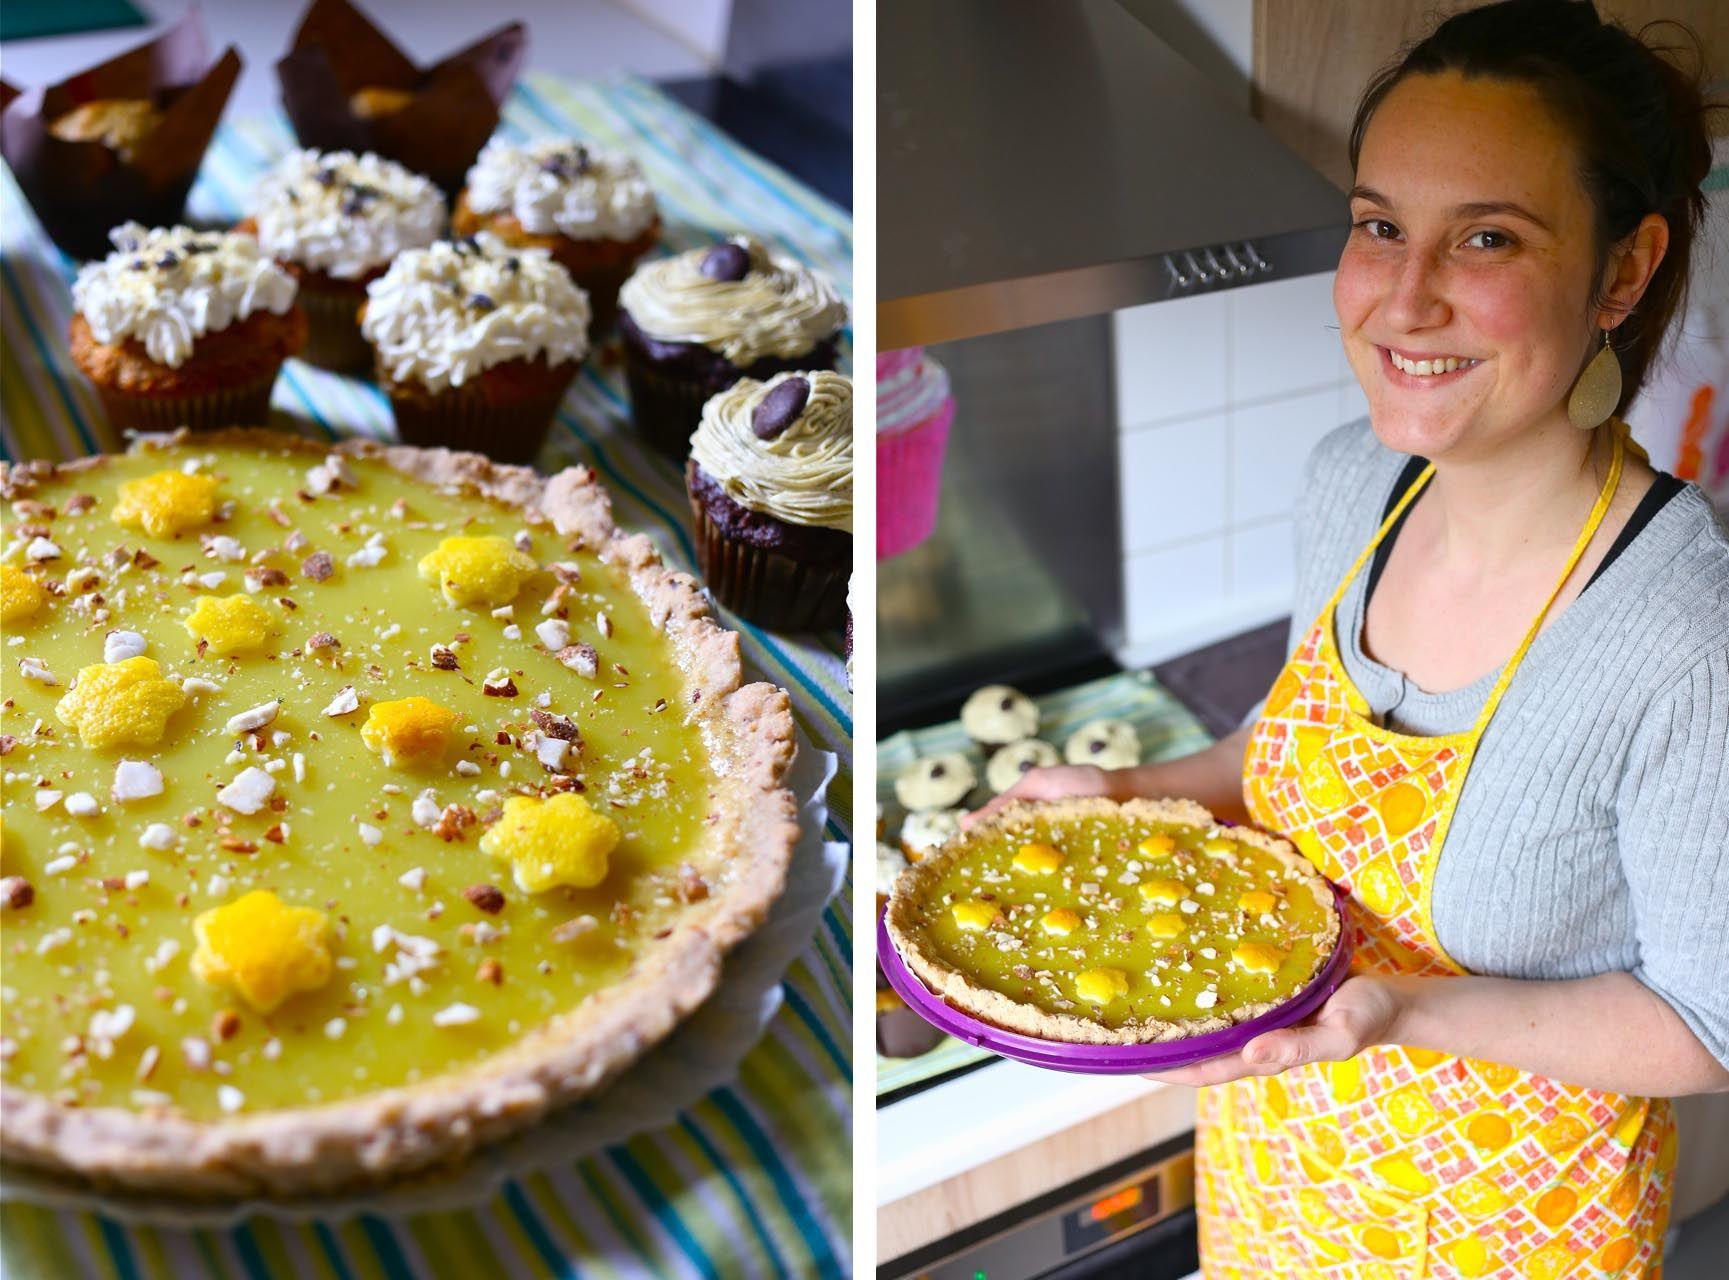 Végétayelle  pâtisserie bio et vegan livrées à domicile